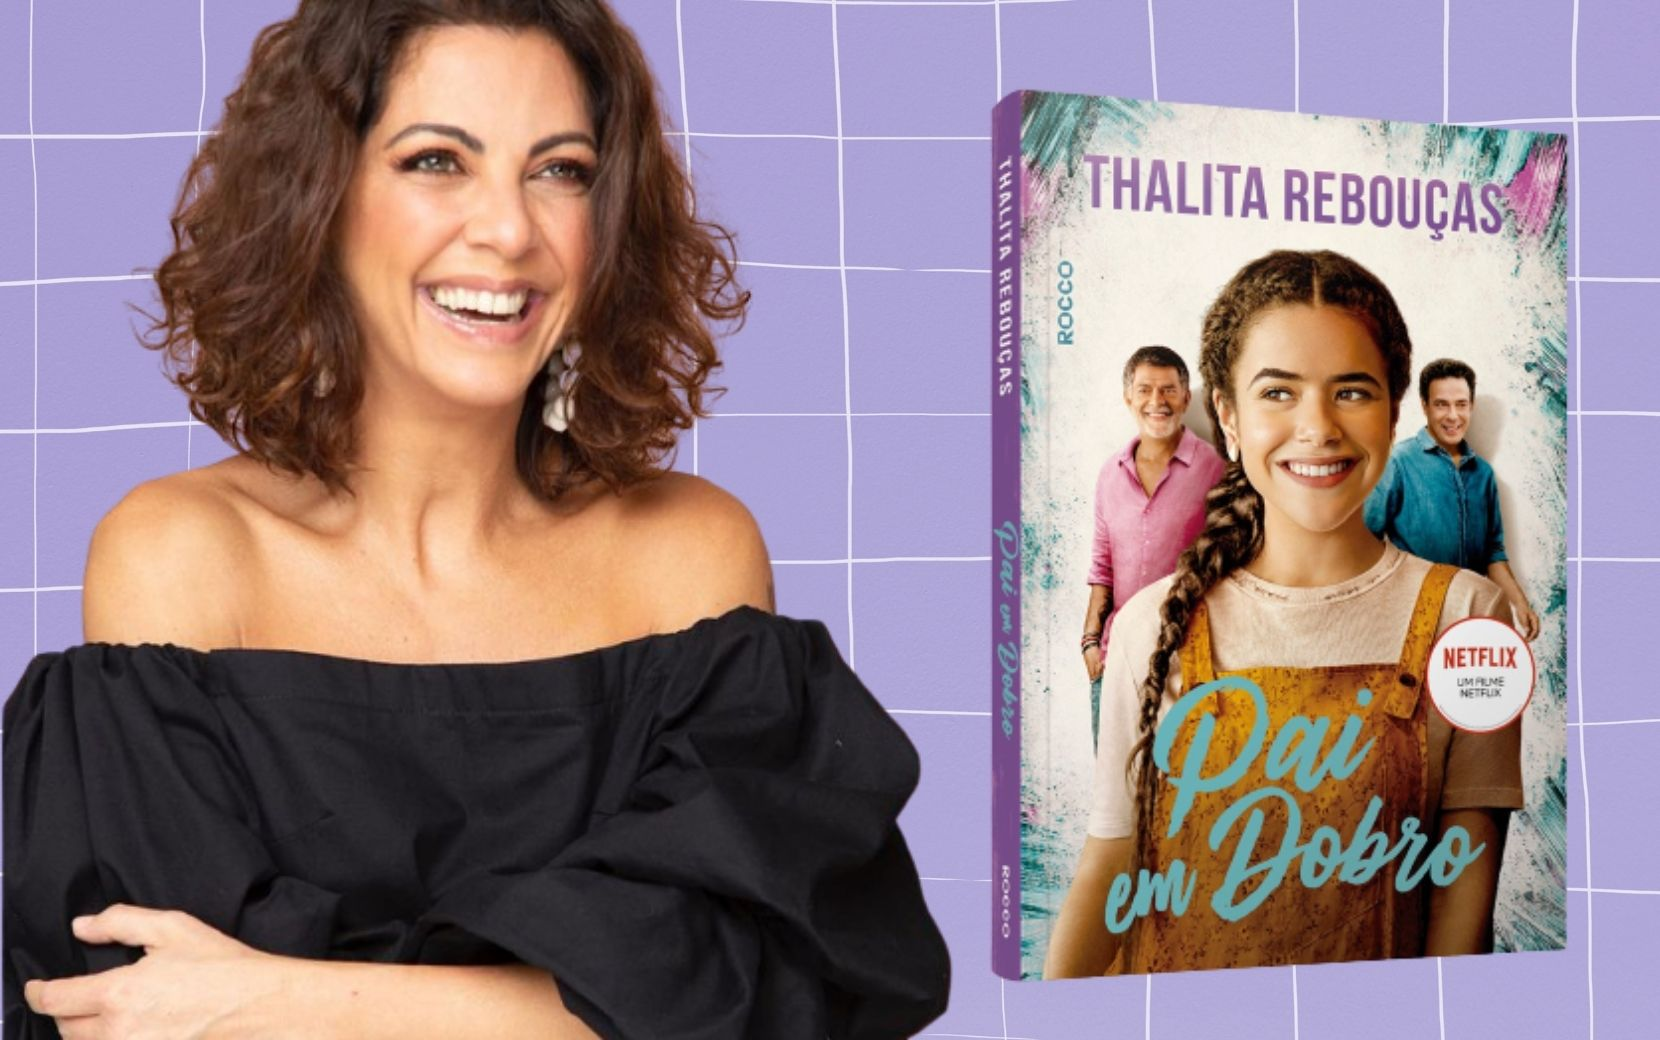 """Completando 20 anos de carreira, Thalita Rebouças lança novo livro """"Pai em dobro"""""""